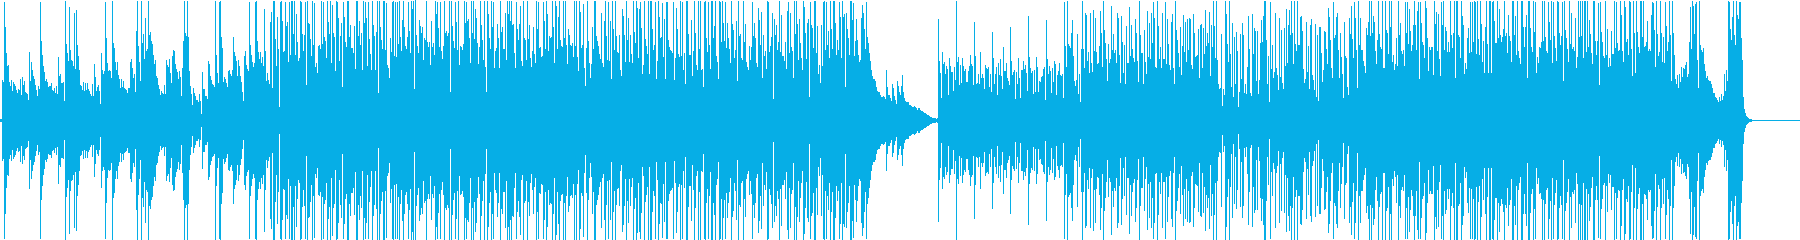 生バンド風のグルービーなジャズファンクの再生済みの波形